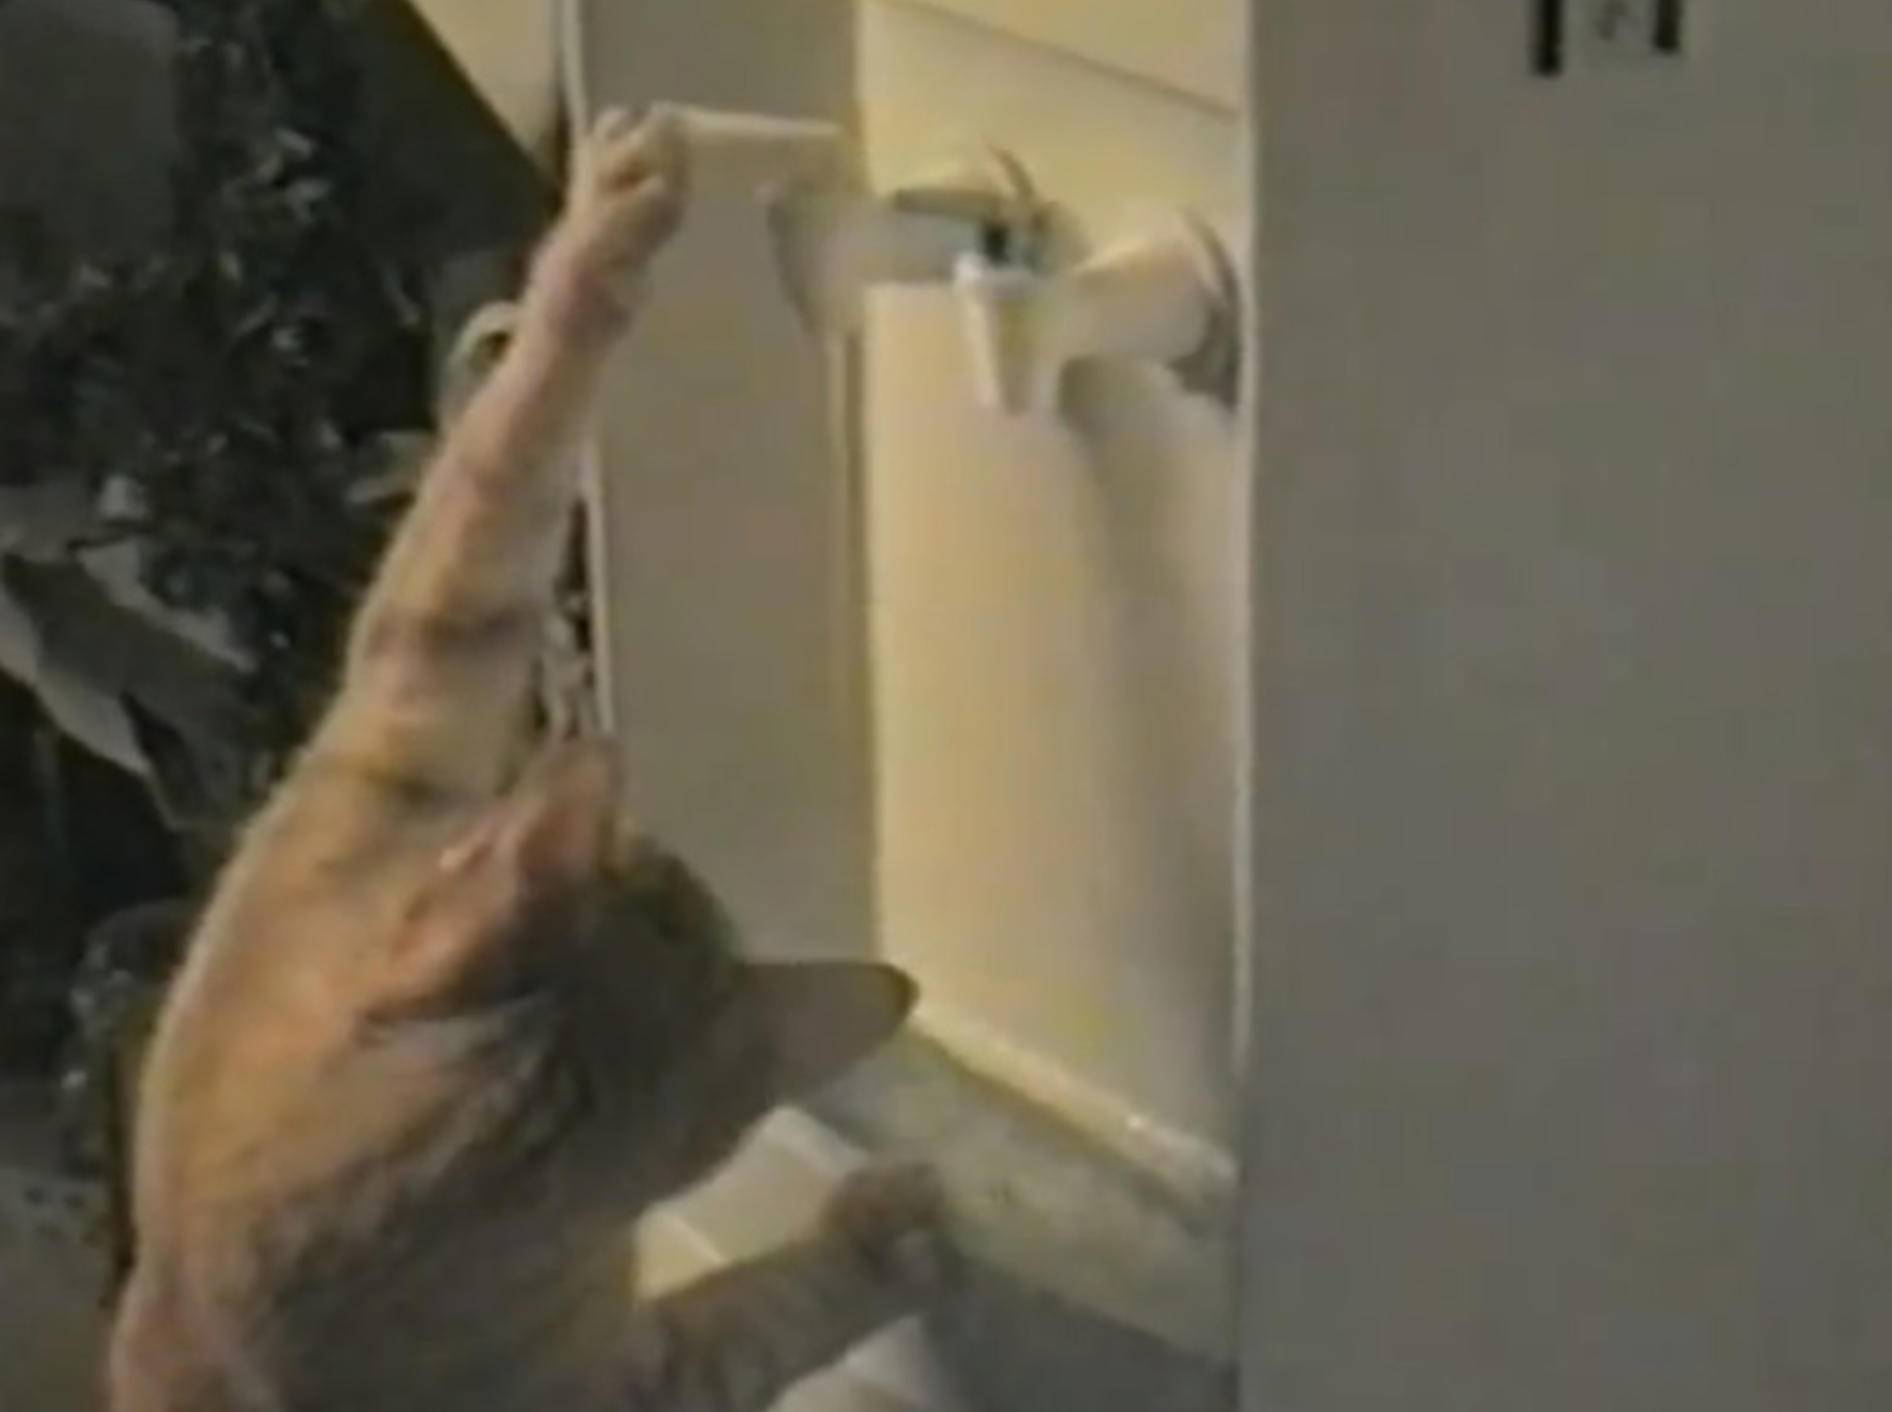 Schlaue Katze benutzt Wasserautomaten – Bild: Youtube / Petsami